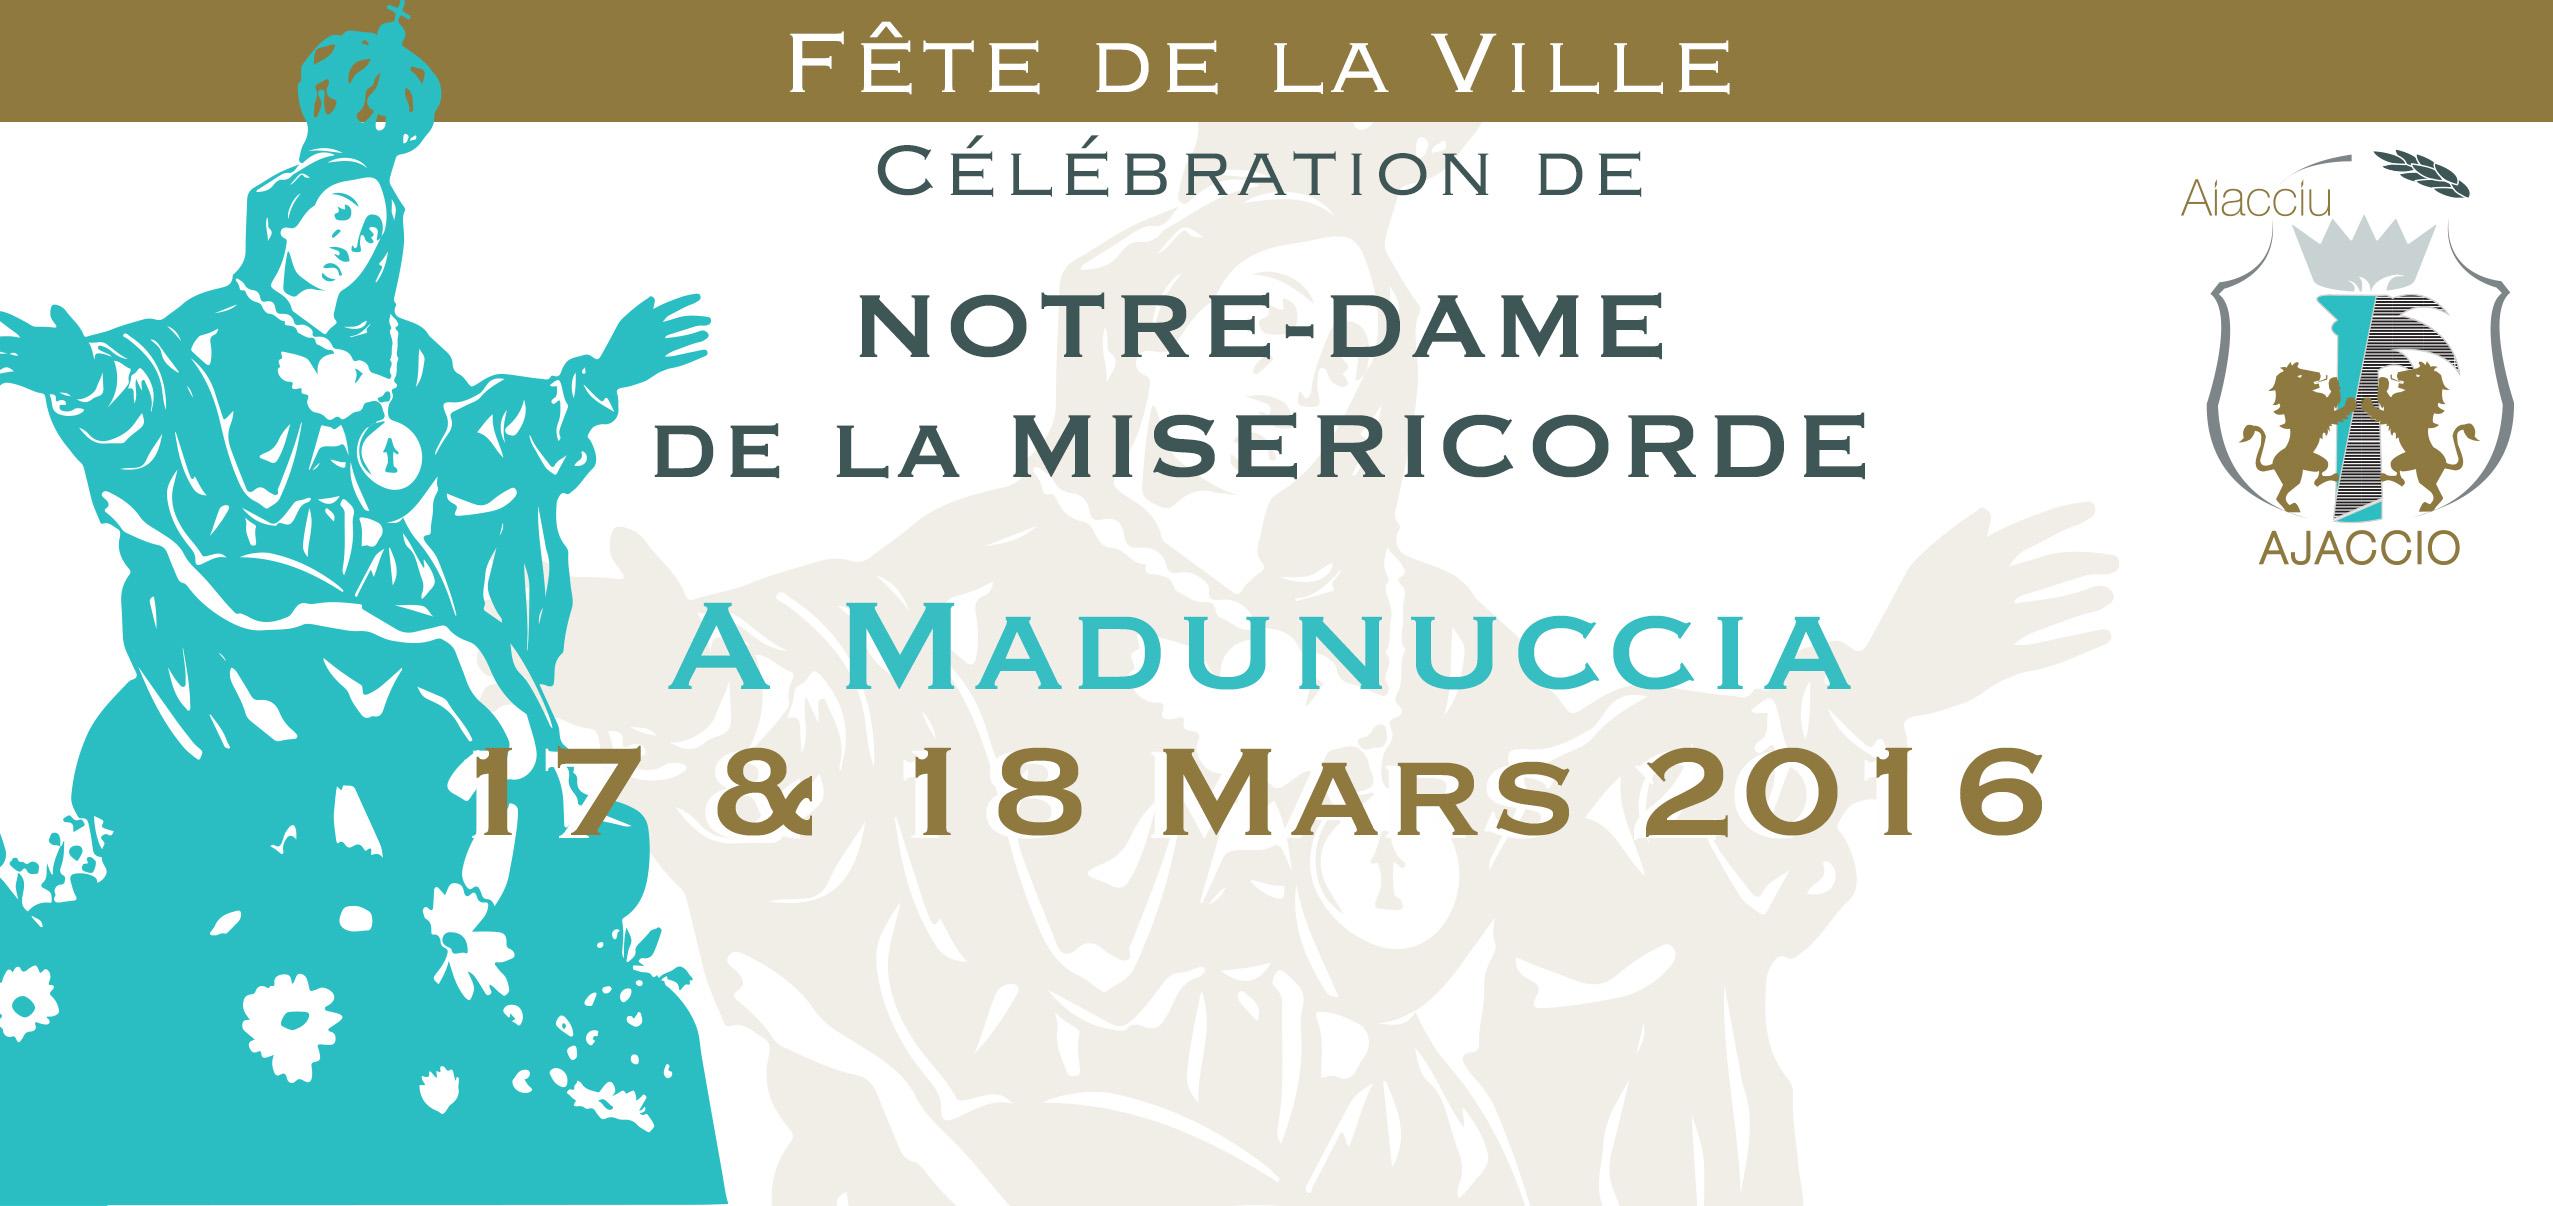 Jeudi 17 et vendredi 18 mars célébration de Notre-Dame de la Miséricorde à Ajaccio